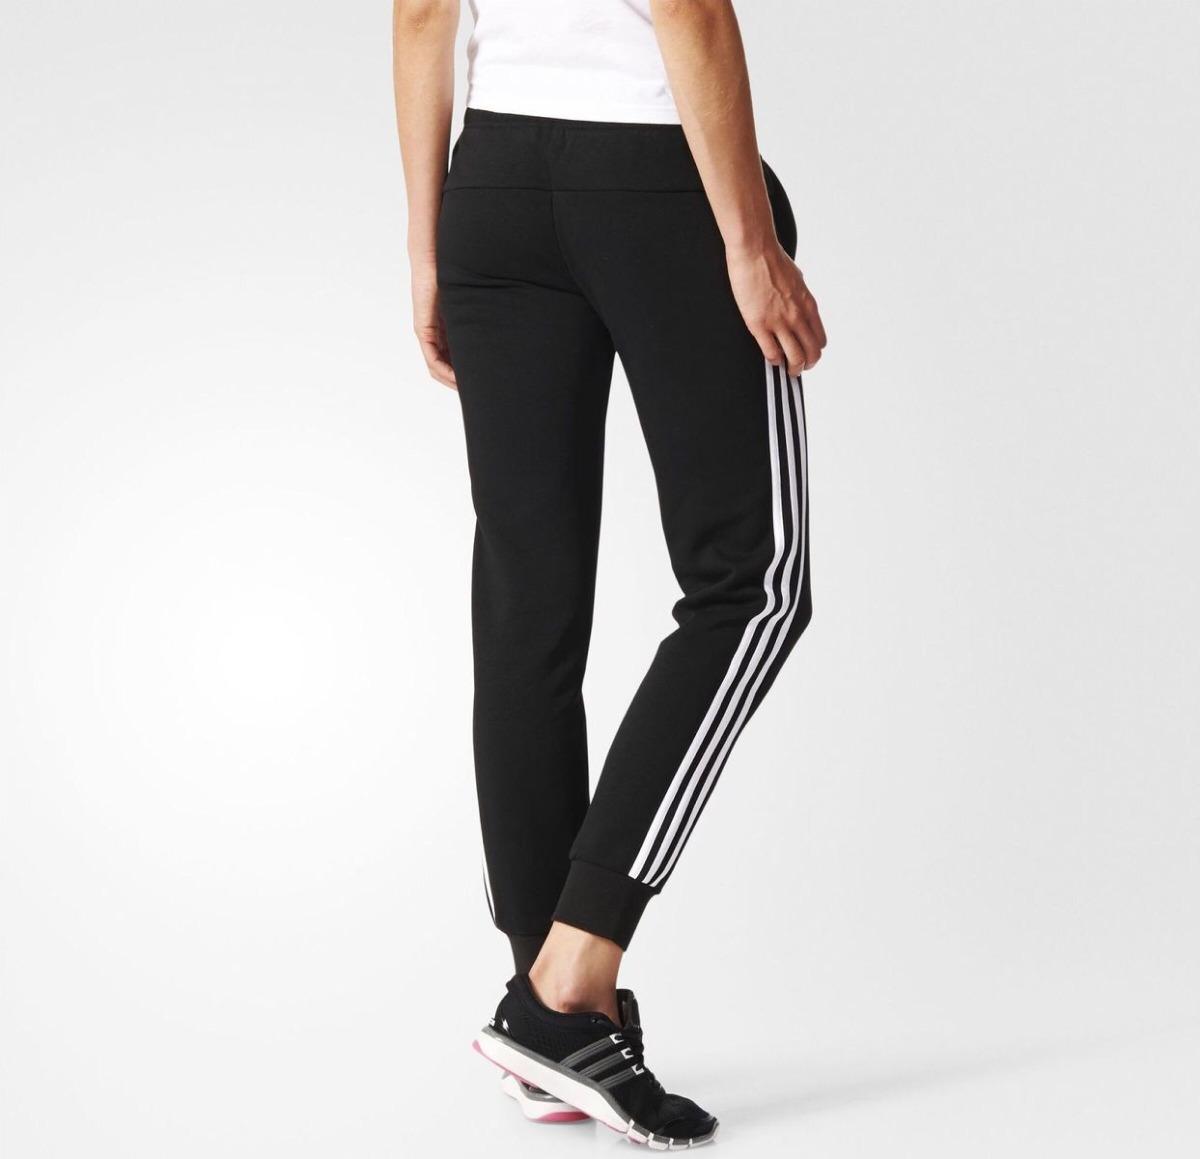 Venta caliente 2019 Reino Unido gama completa de especificaciones Pants adidas Dama Negro Clásico S97109 Dancing Originals